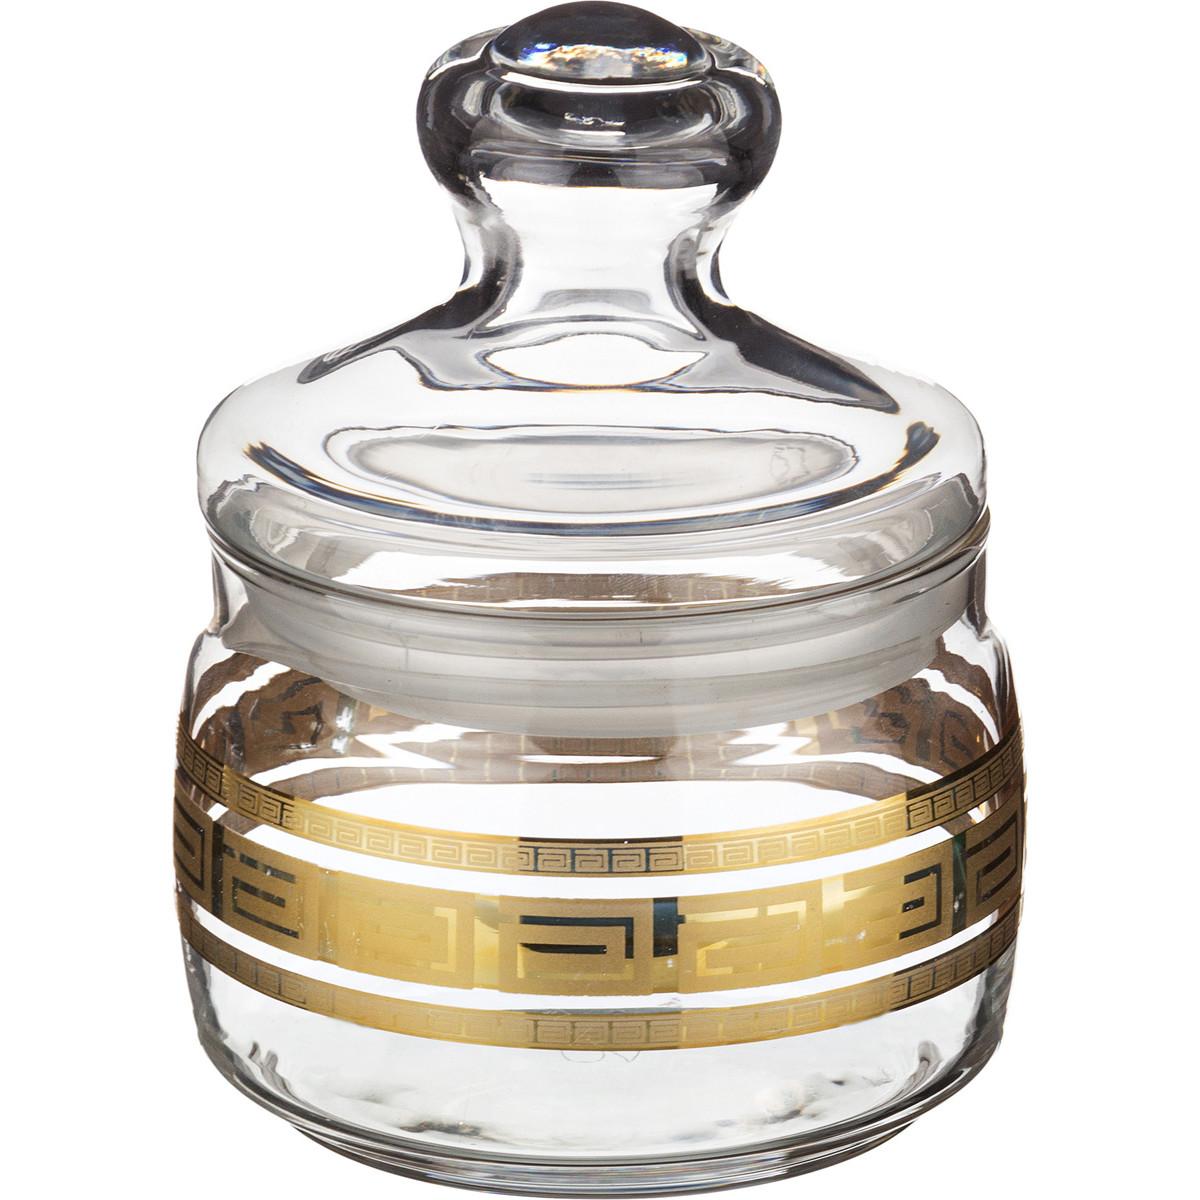 {} Arti-M Банка для сыпучих Celeste (500 мл) бытовая химия xaax ополаскиватель для посудомоечной машины 500 мл